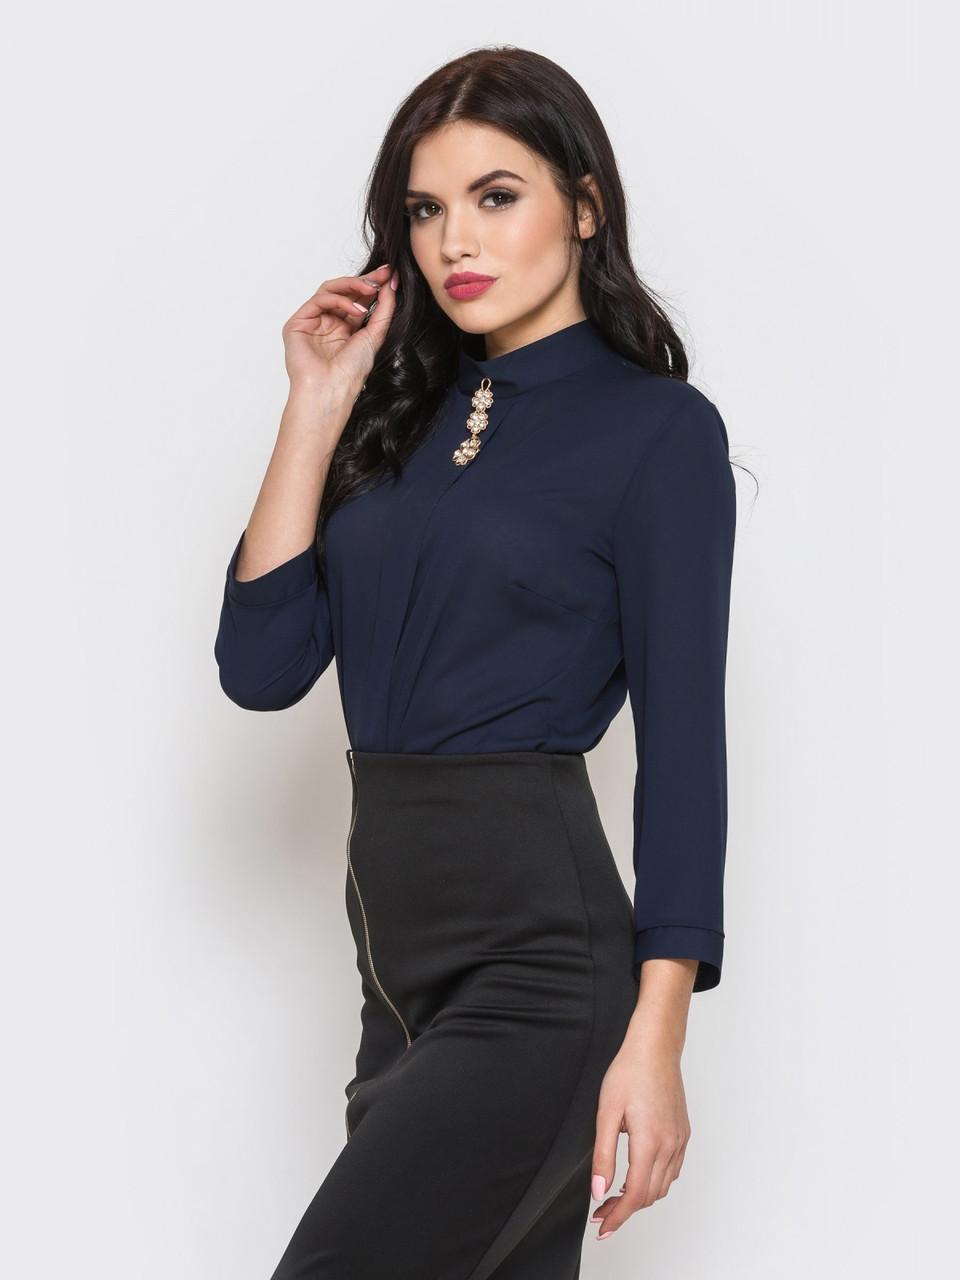 (XS, S, M, L) Стильна класична темно-синя блузка Hens